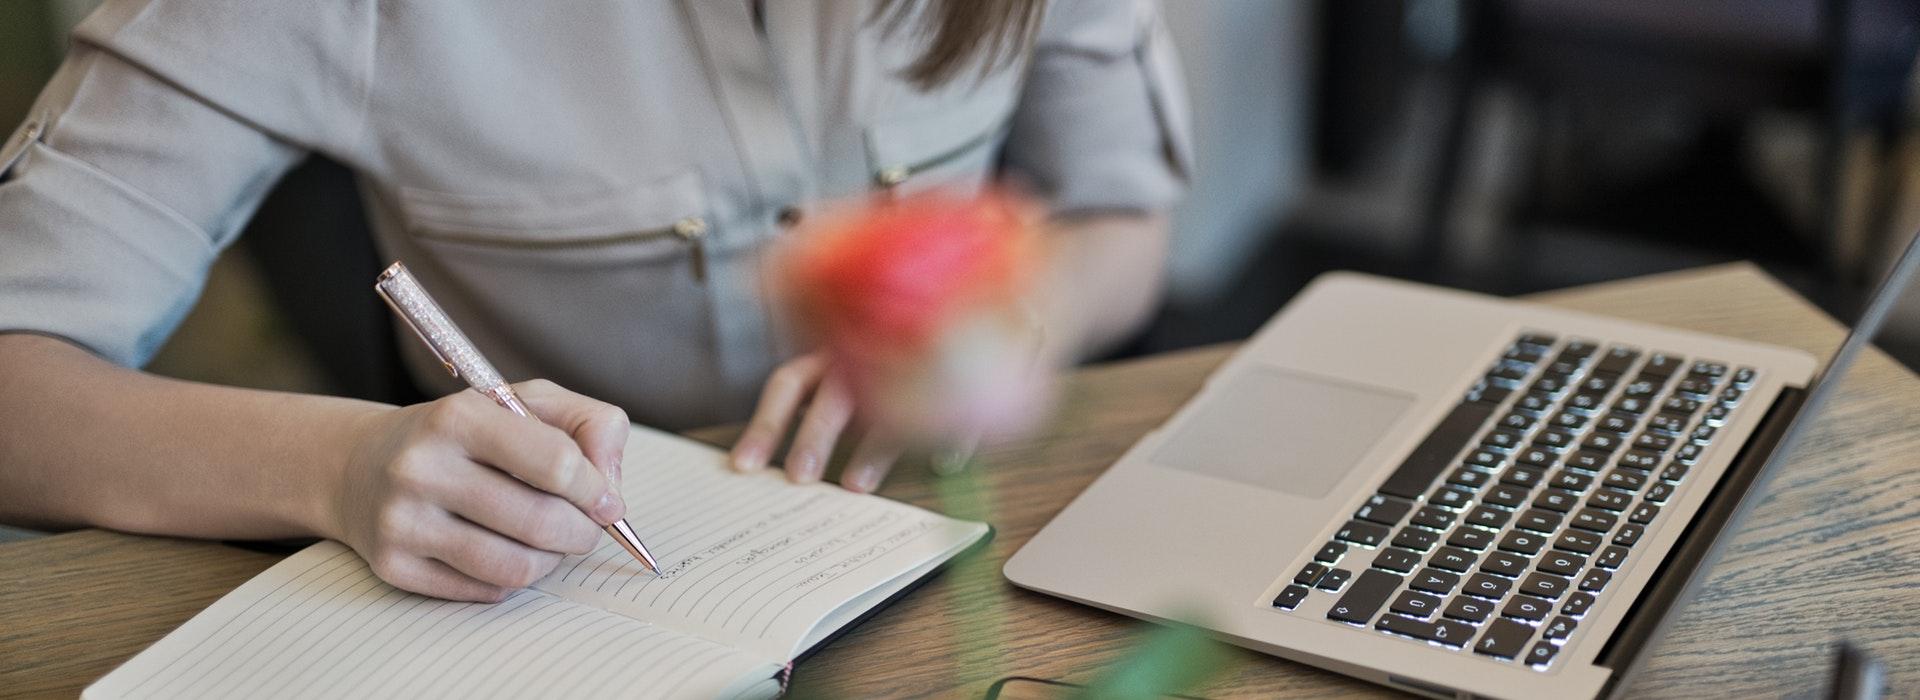 Photo en gros plan des mains d'une femme qui écrit dans un carnet à côté d'un ordinateur portable